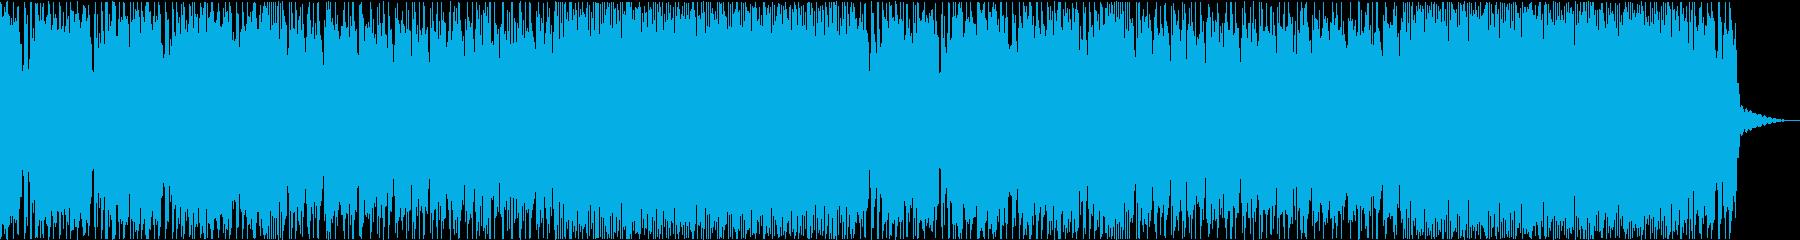 某プロレスソングをオマージュしたインストの再生済みの波形